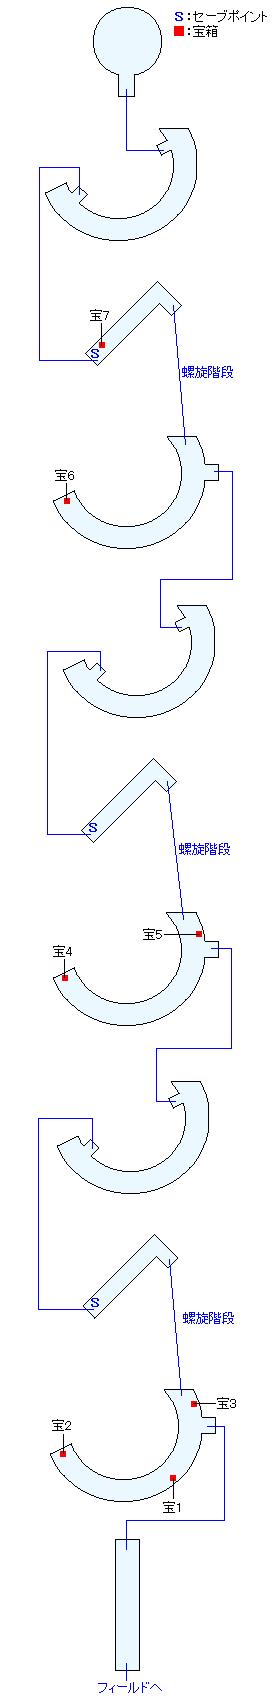 黎明の塔マップ